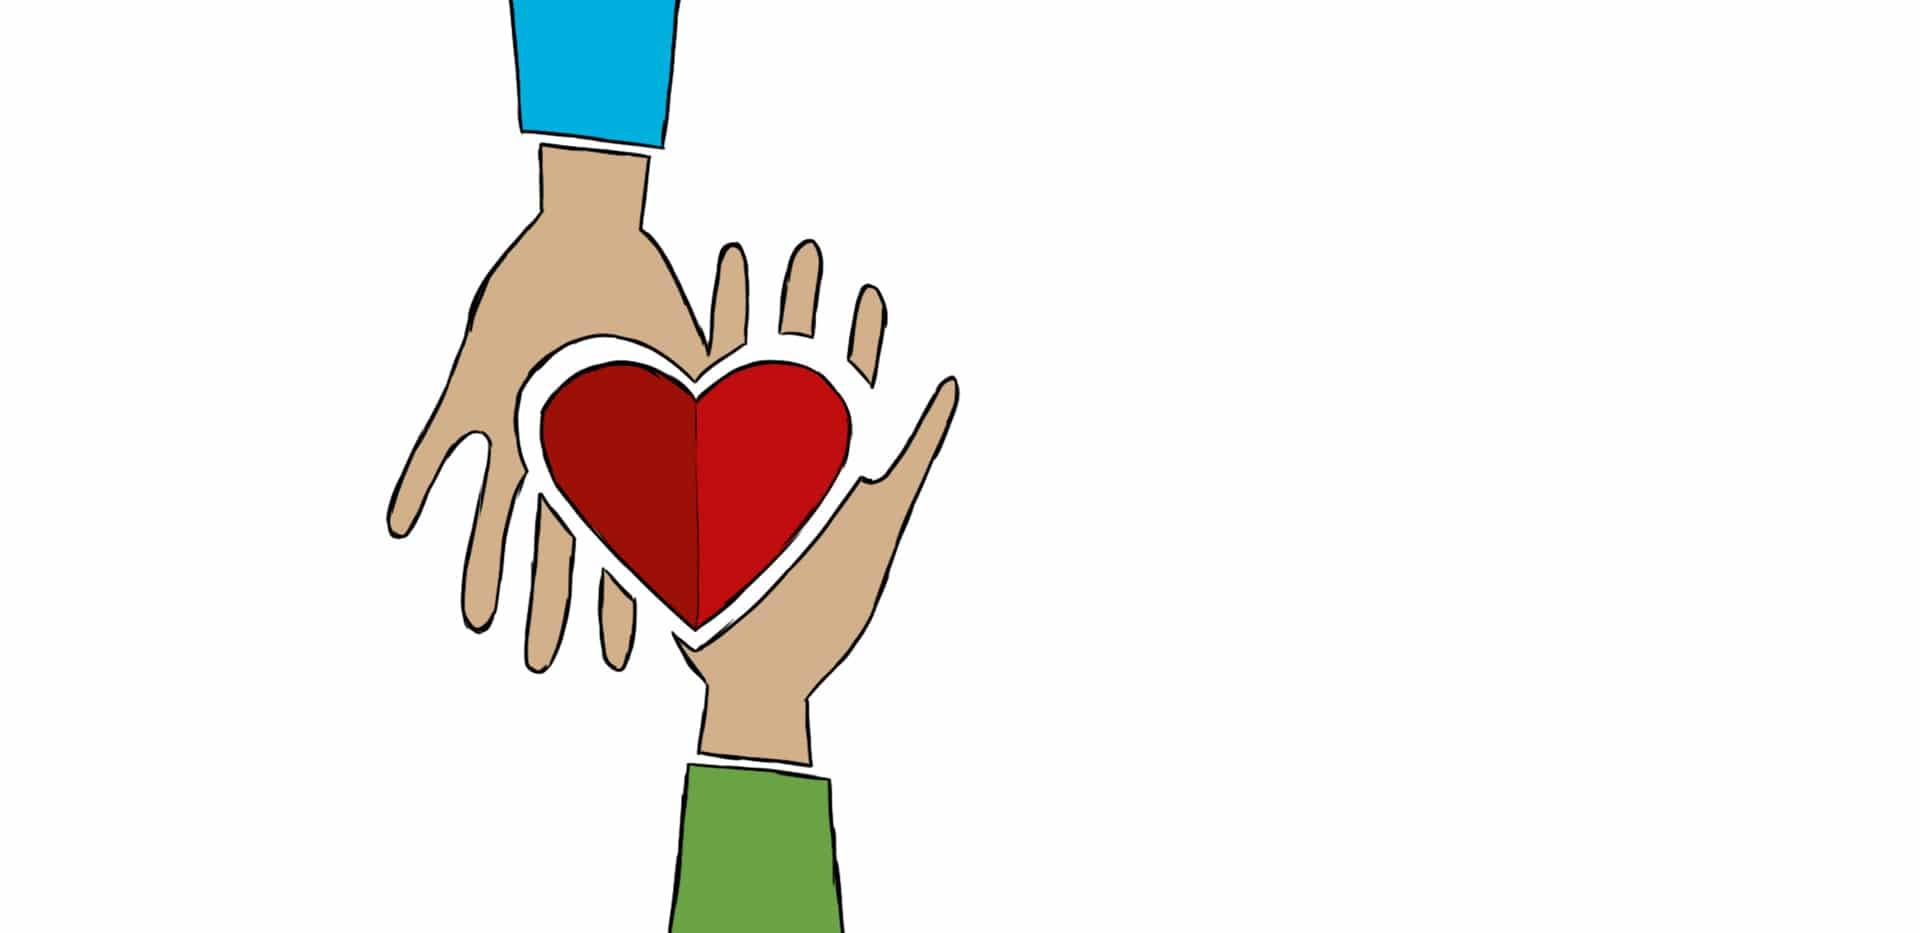 Spenden-Aktion für gemeinnützigen Zweck